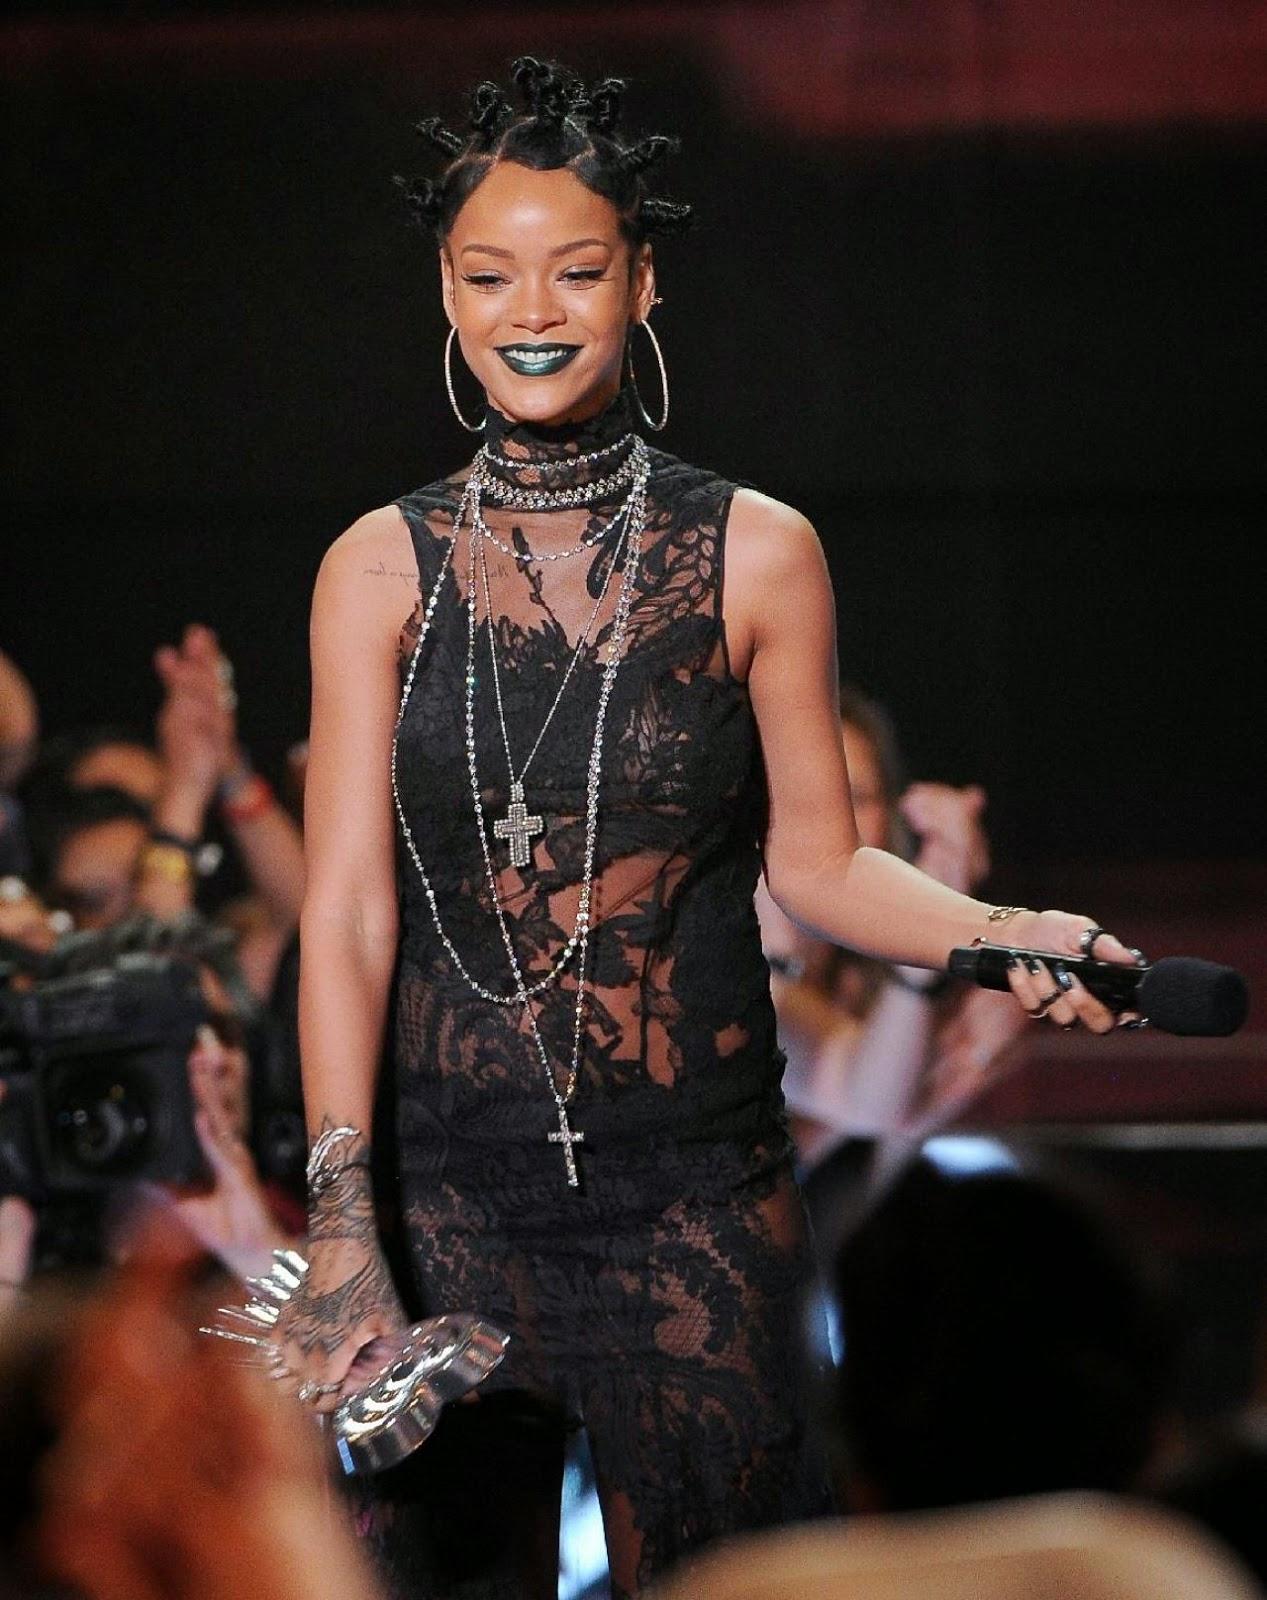 Rihanna Flaunts A Sheer Lace Givenchy Dress At The 2014